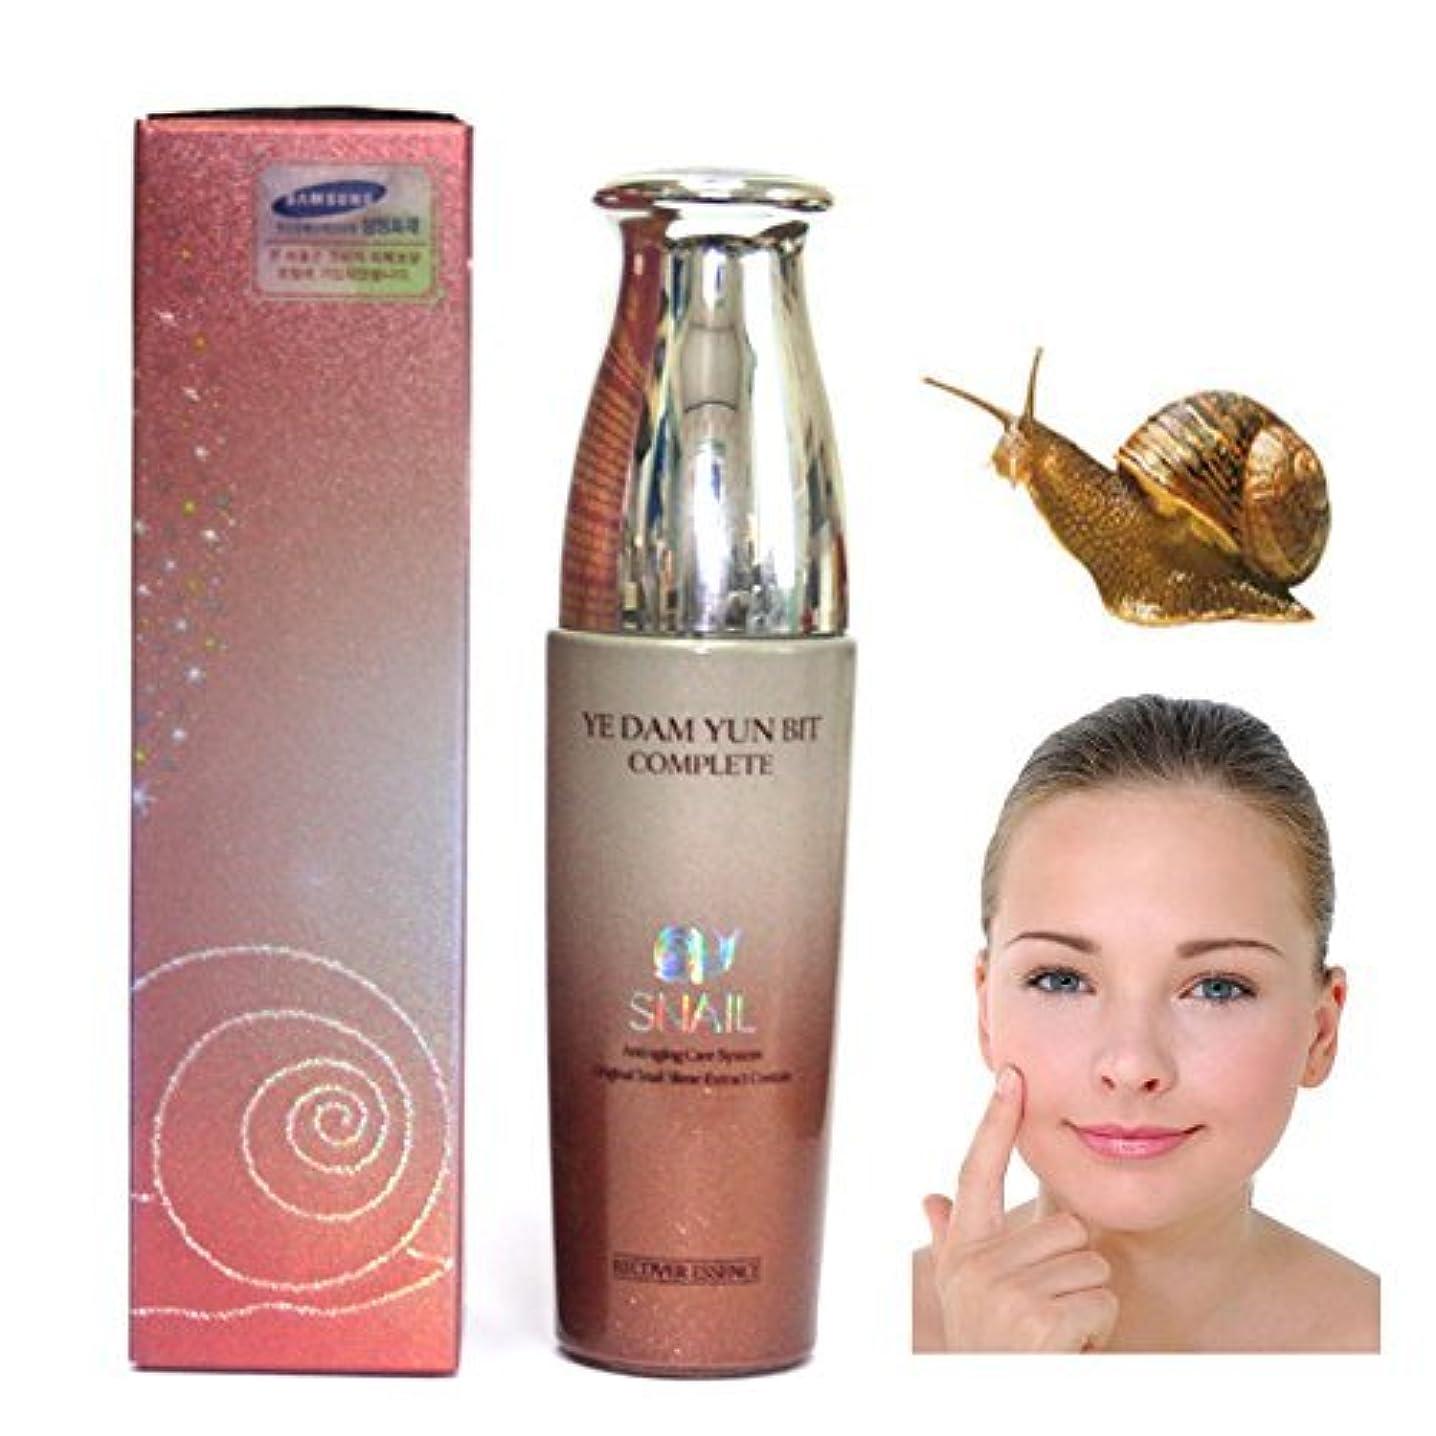 呼びかけるターゲットきしむ[YEDAM YUN BIT] 完璧なスキンカタツムリ女エッセンス50ml/COMPLETE SKIN Snail Woman Essence 50ml/韓国化粧品/Korean cosmetics [並行輸入品]